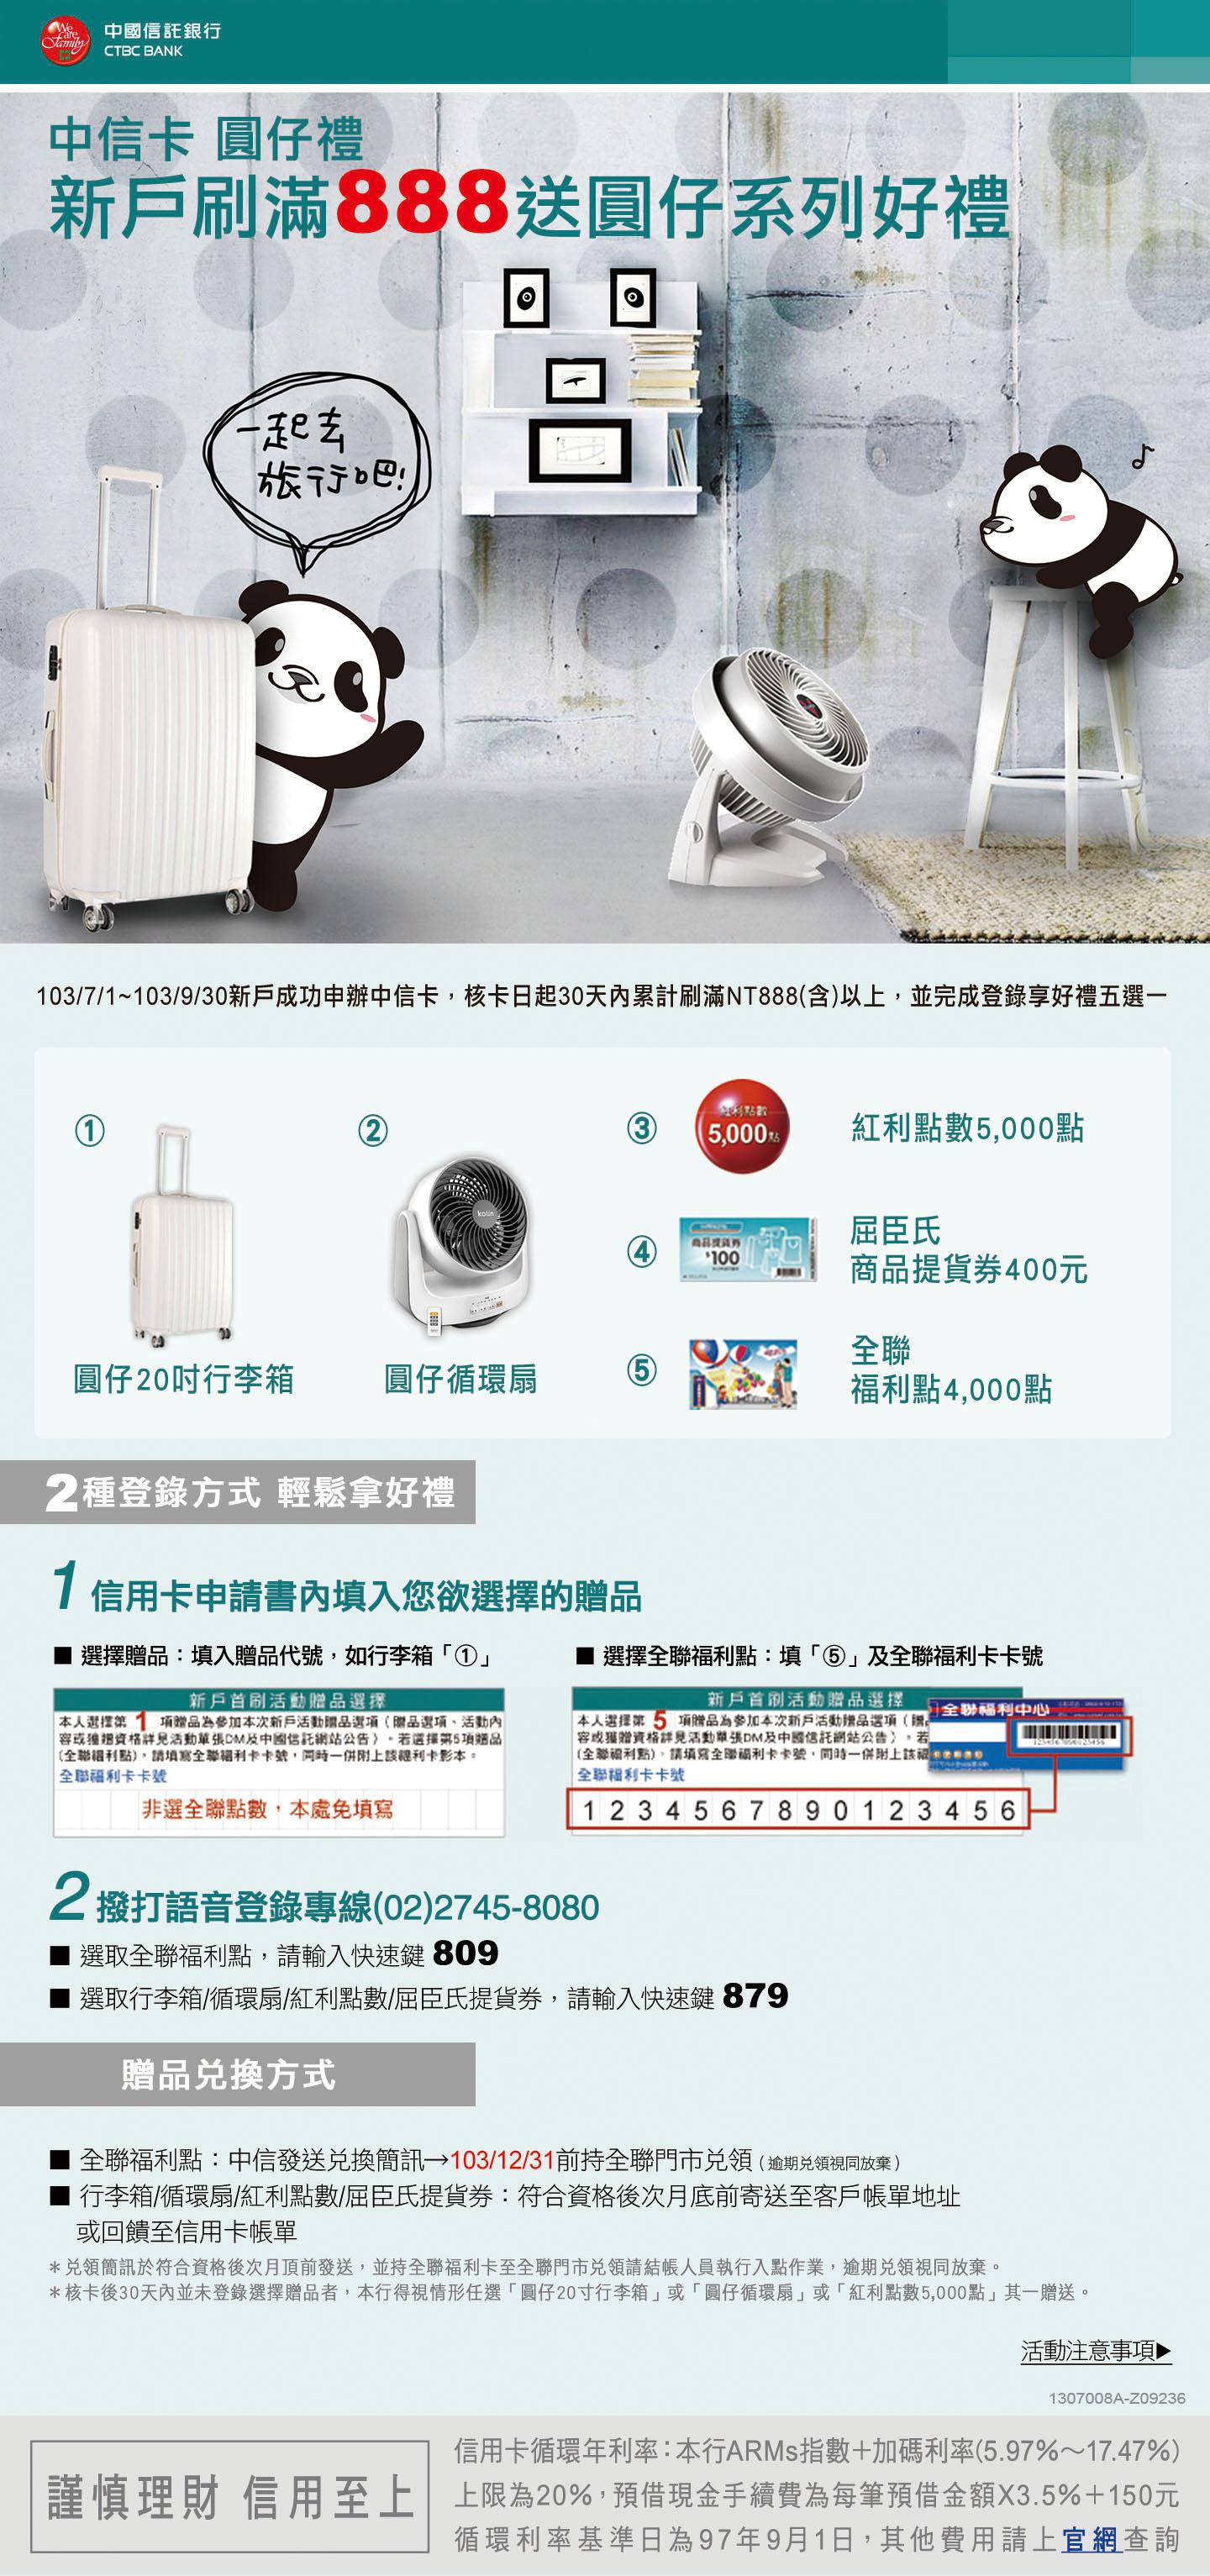 中國信託 EDM